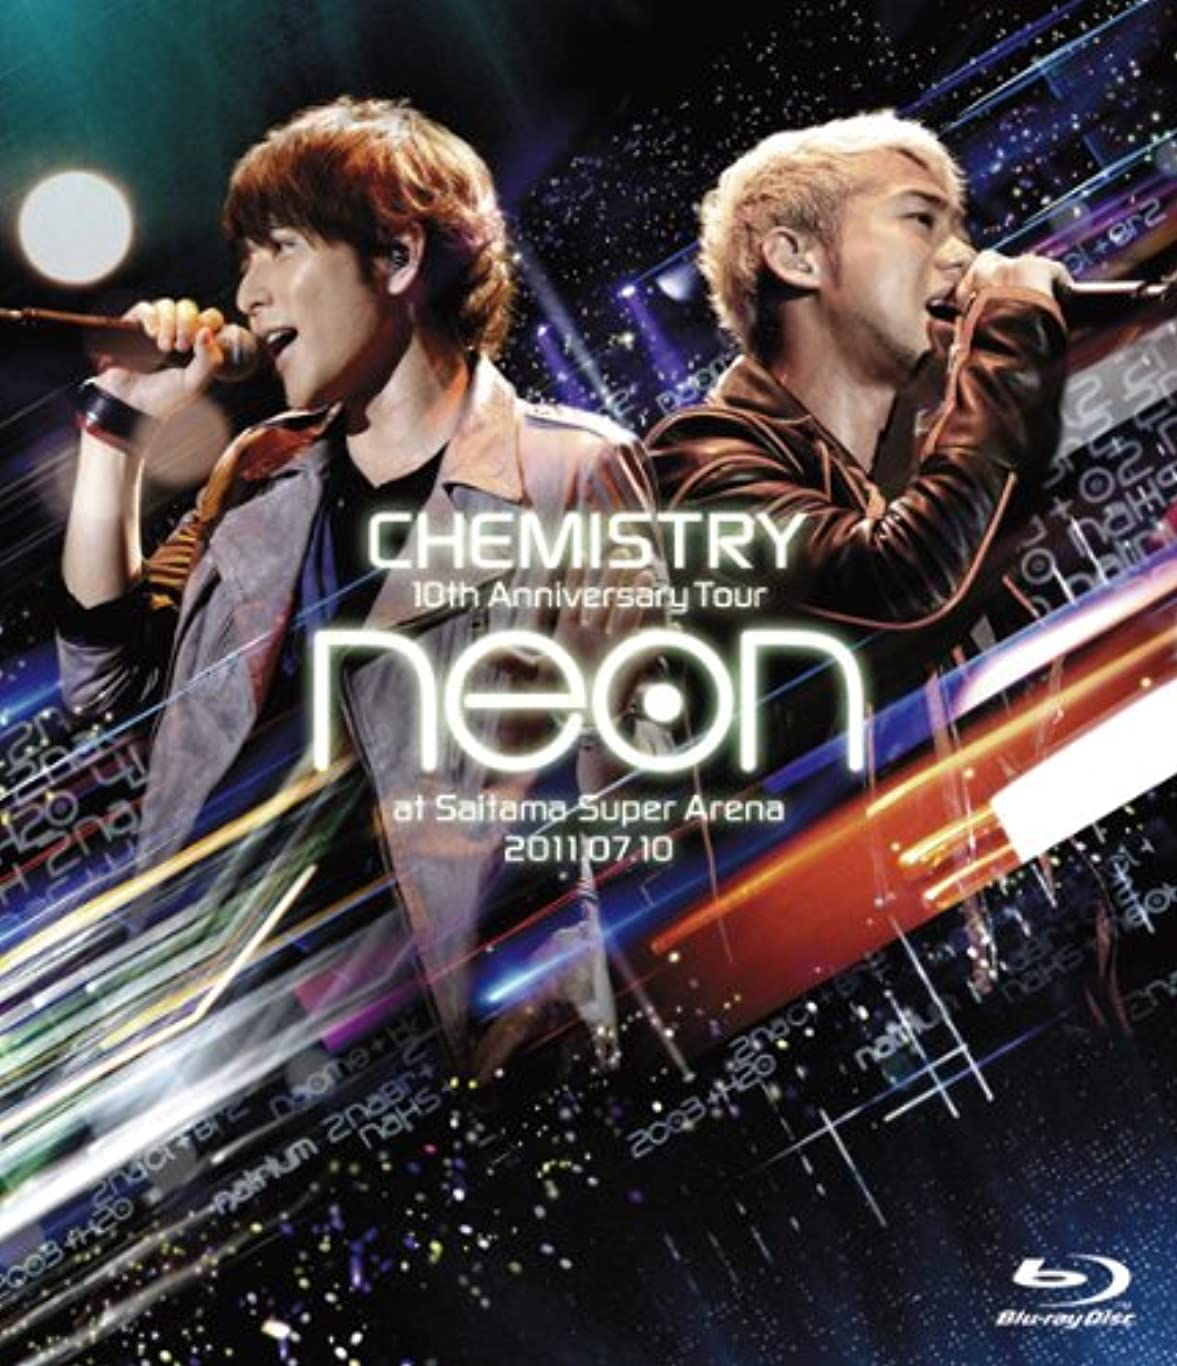 極地メリー振り子10th Anniversary Tour -neon- at さいたまスーパーアリーナ 2011.07.10 [Blu-ray]